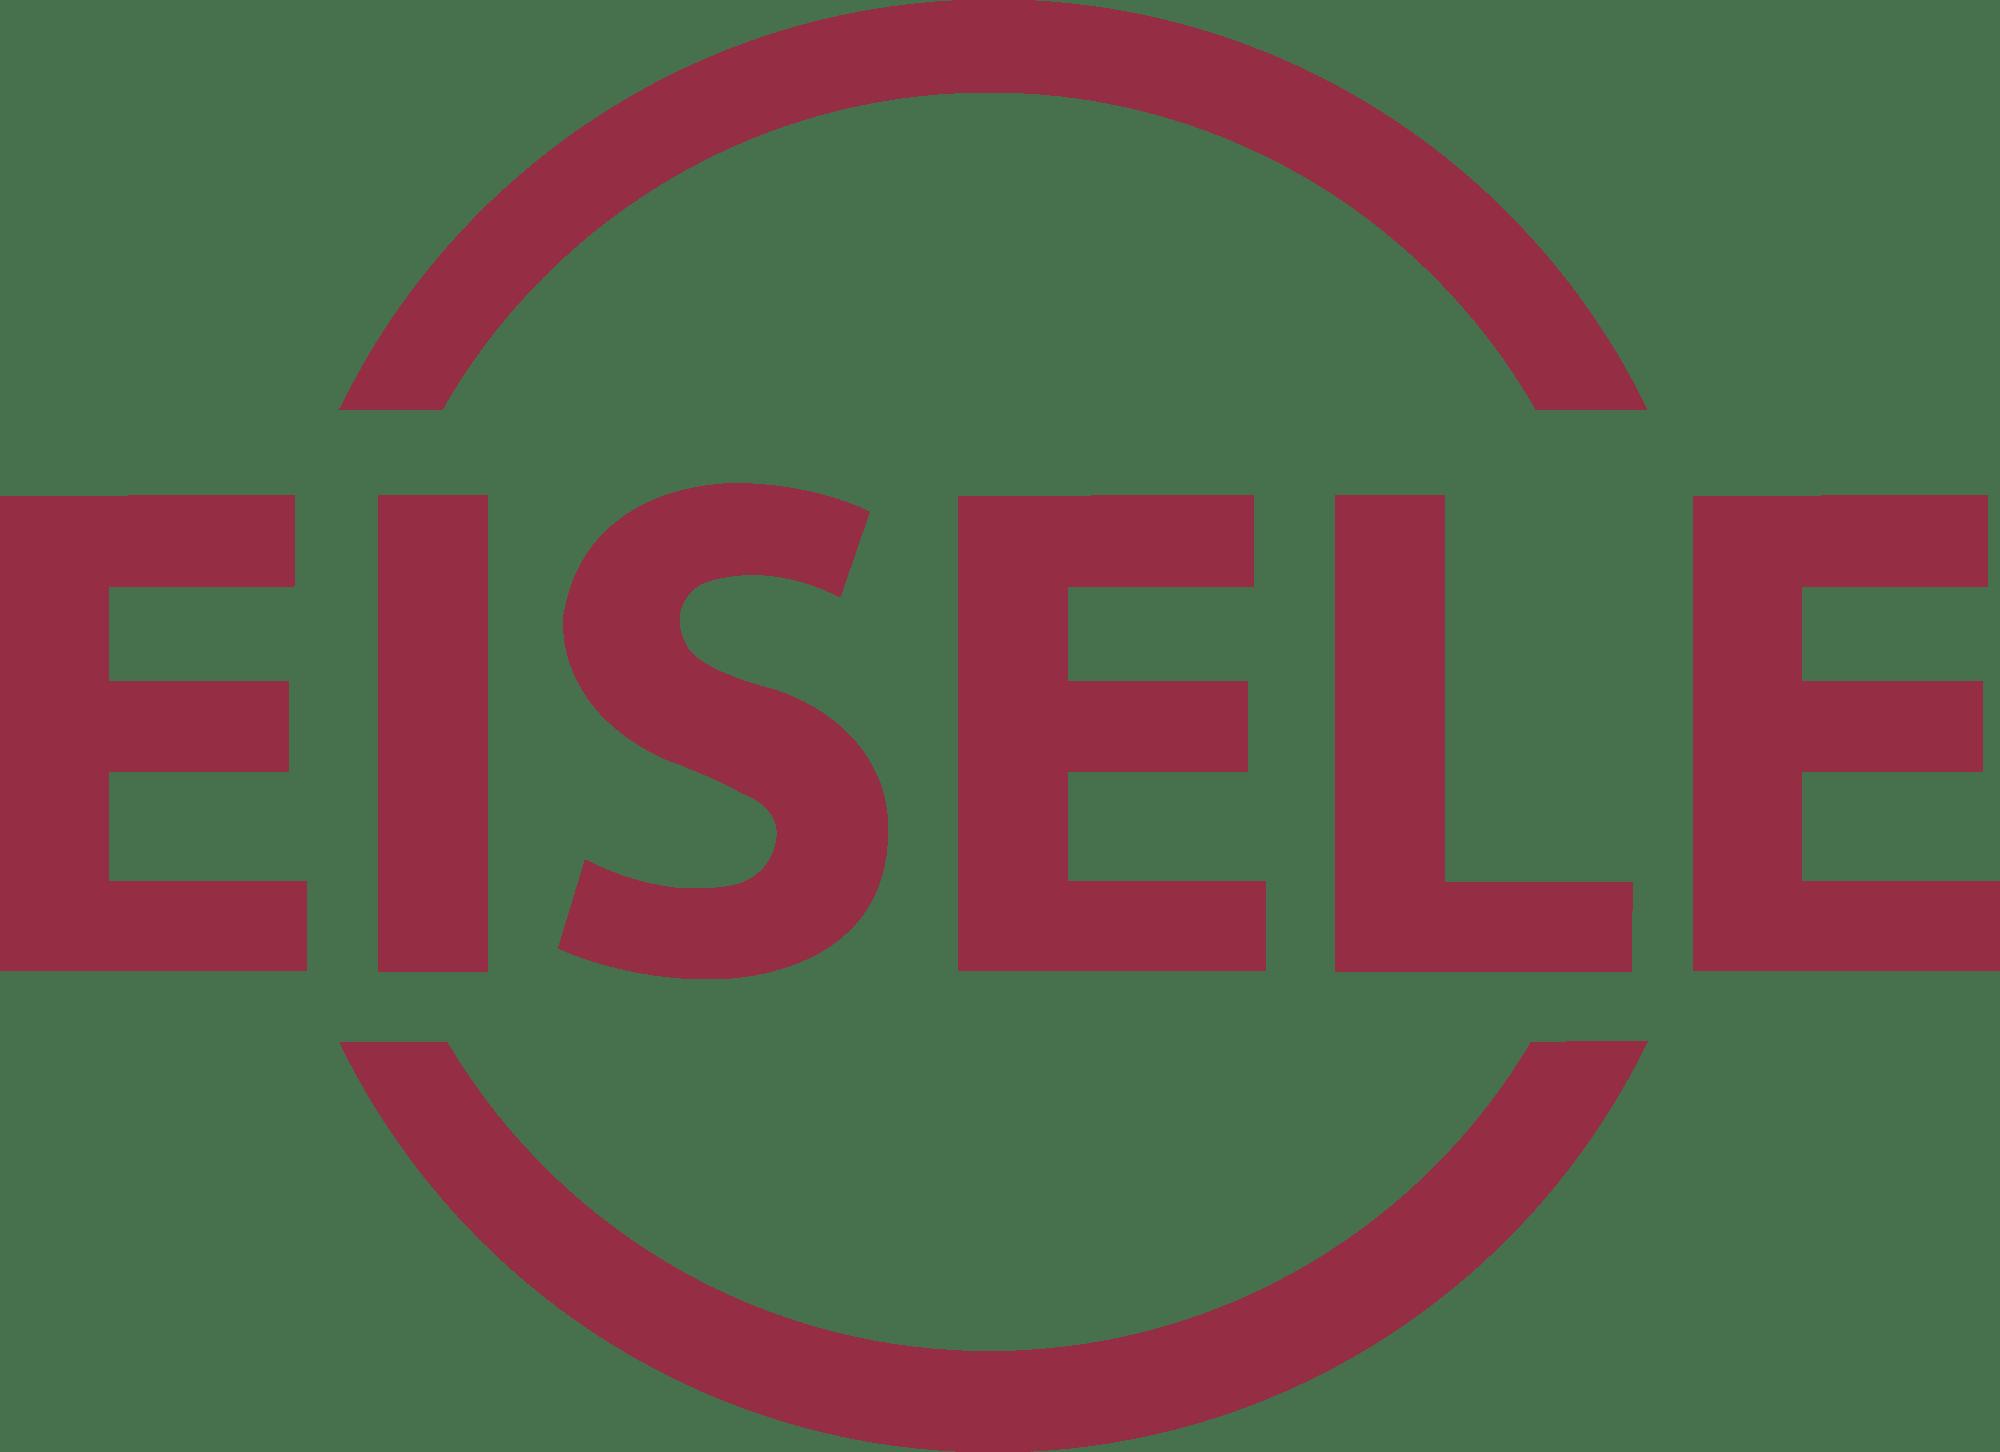 Logo Eisele Prospektfarbe